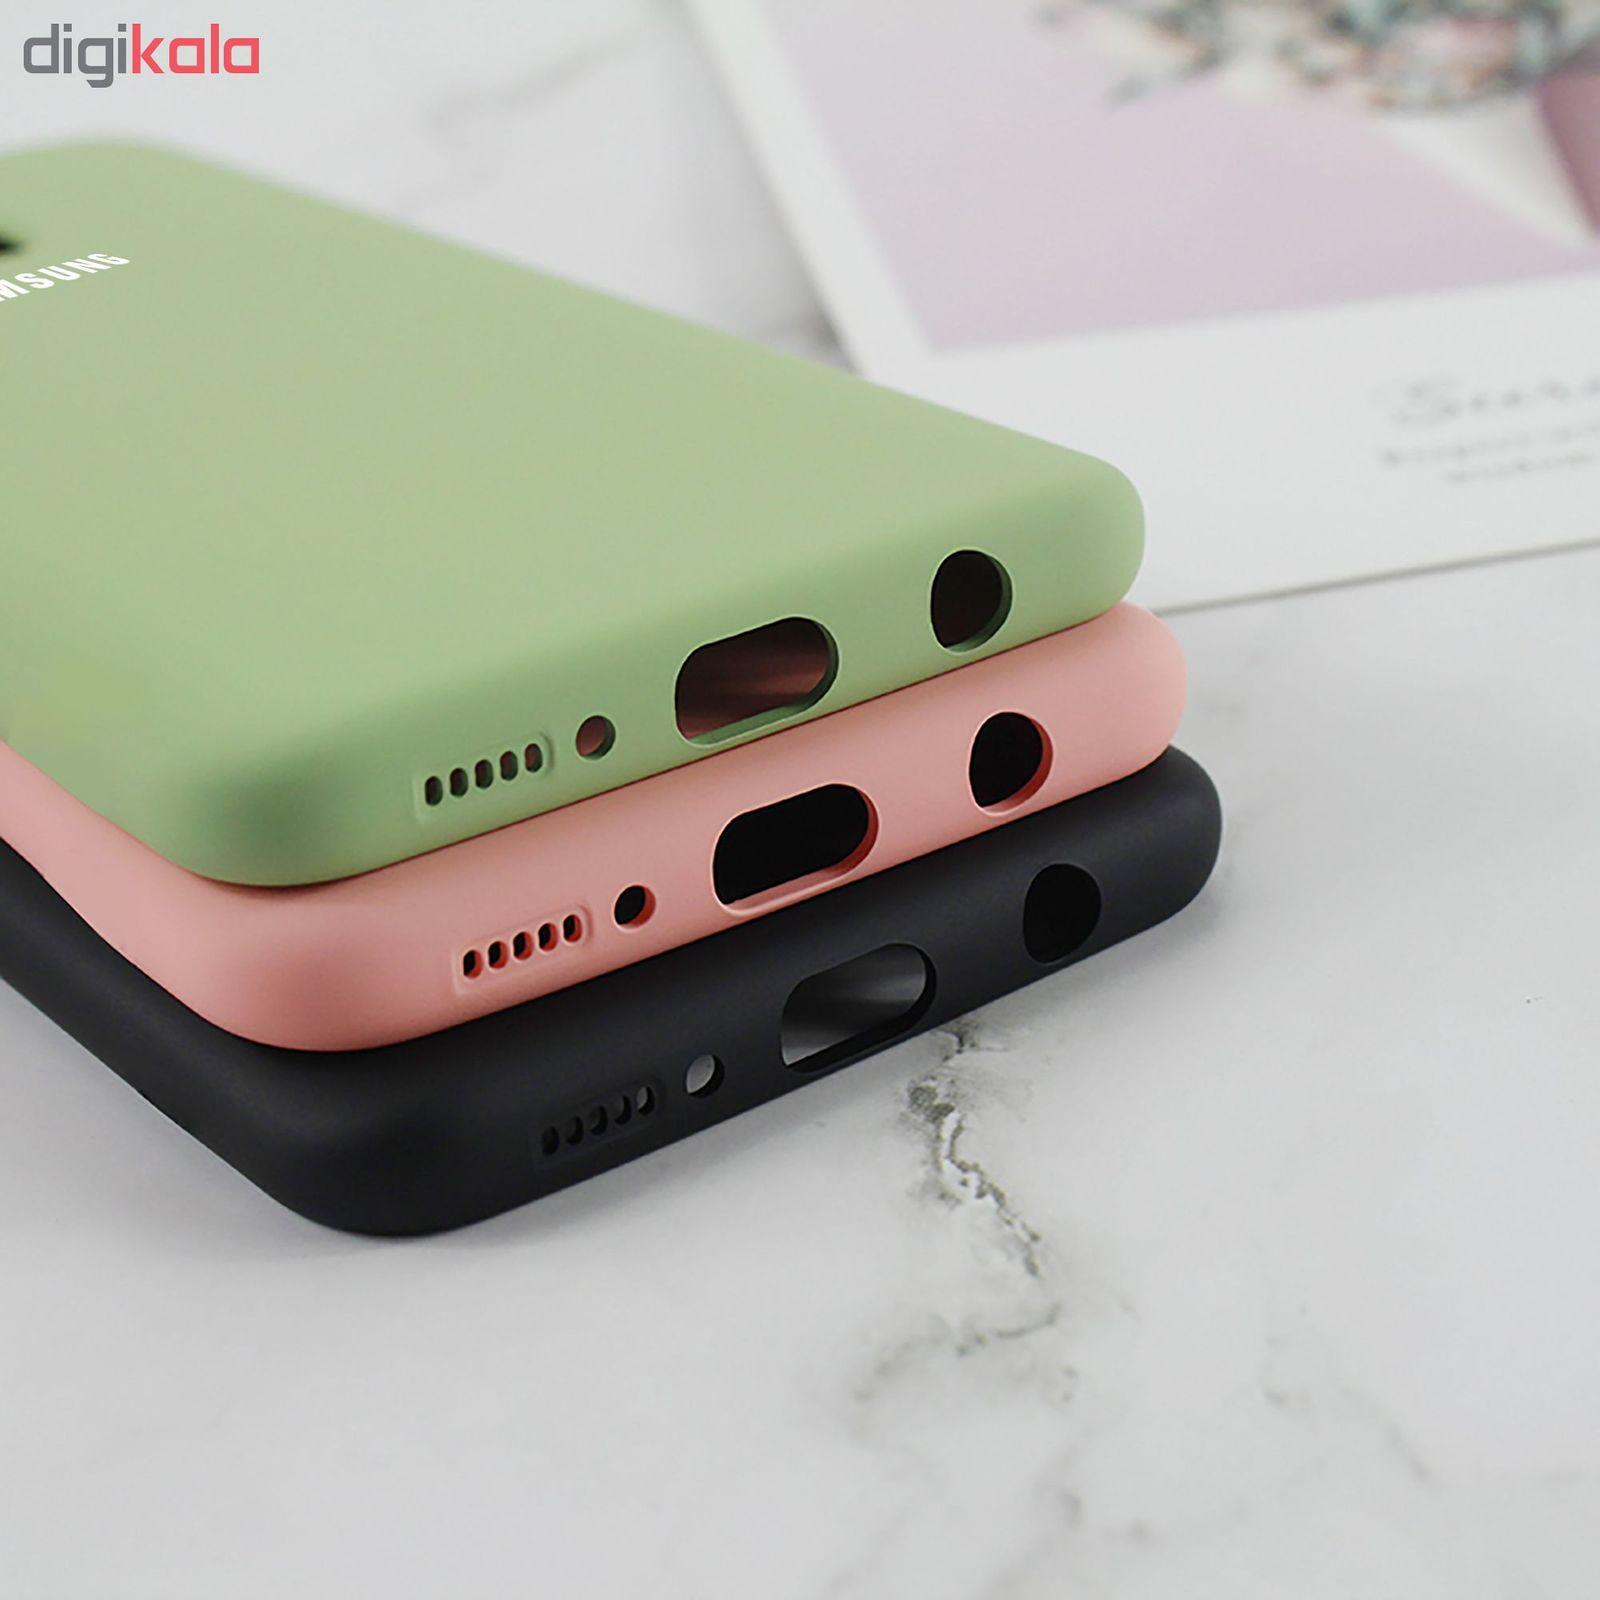 کاور مدل Silc مناسب برای گوشی موبایل سامسونگ Galaxy A10S main 1 15